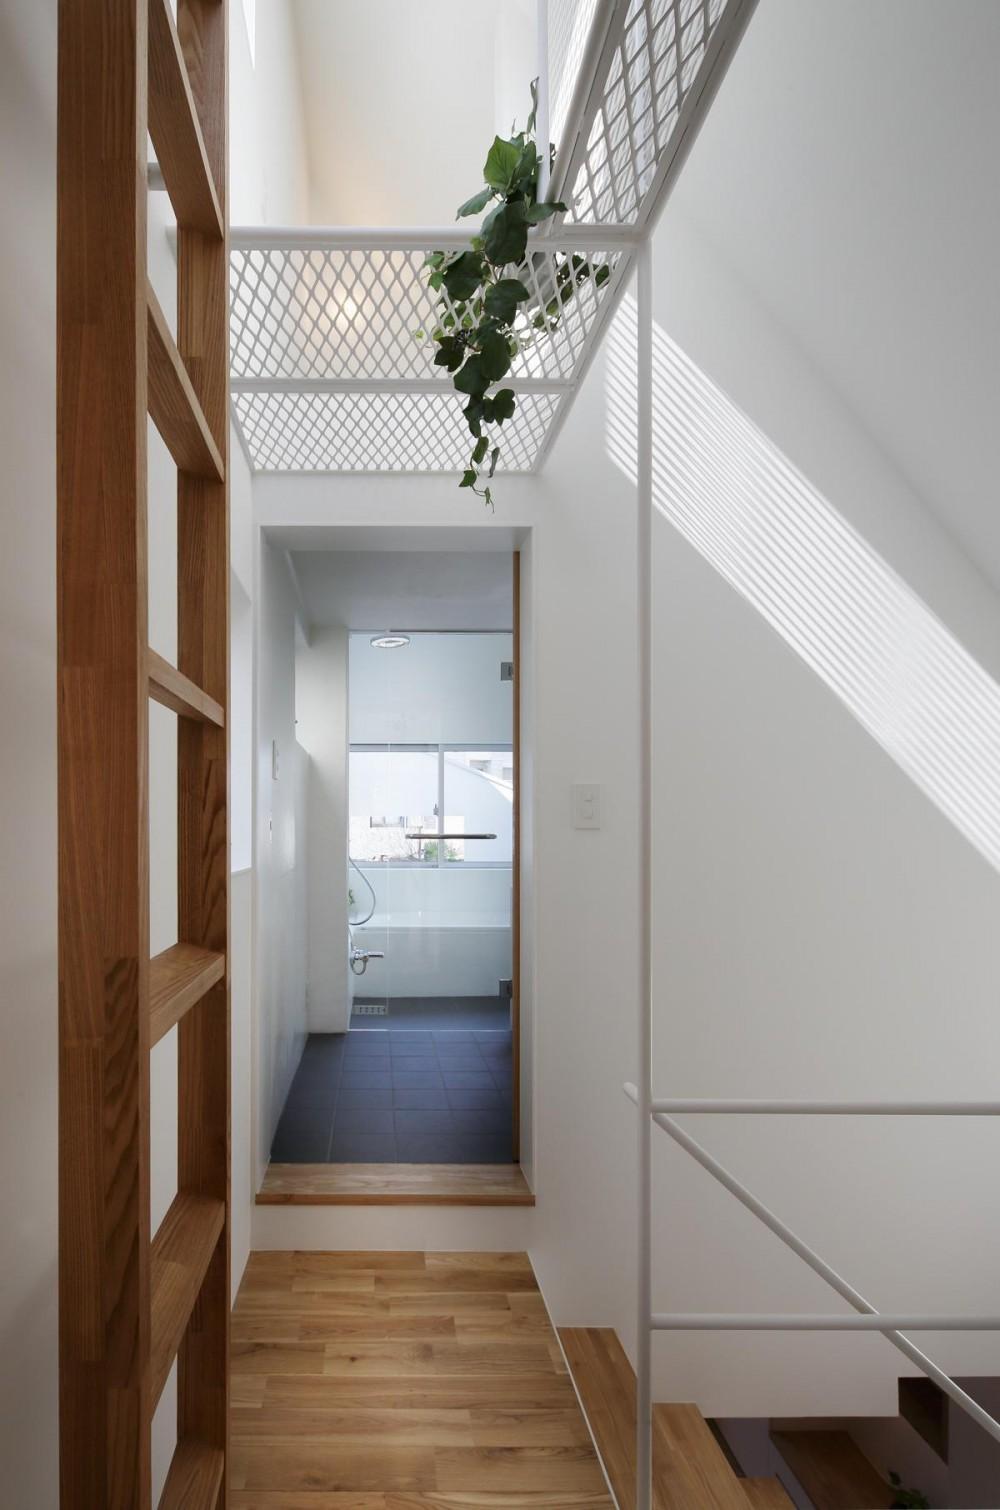 スキップフロアがつくる快適空間 (白金の家) (キャットウォーク下より洗面・浴室を見る)